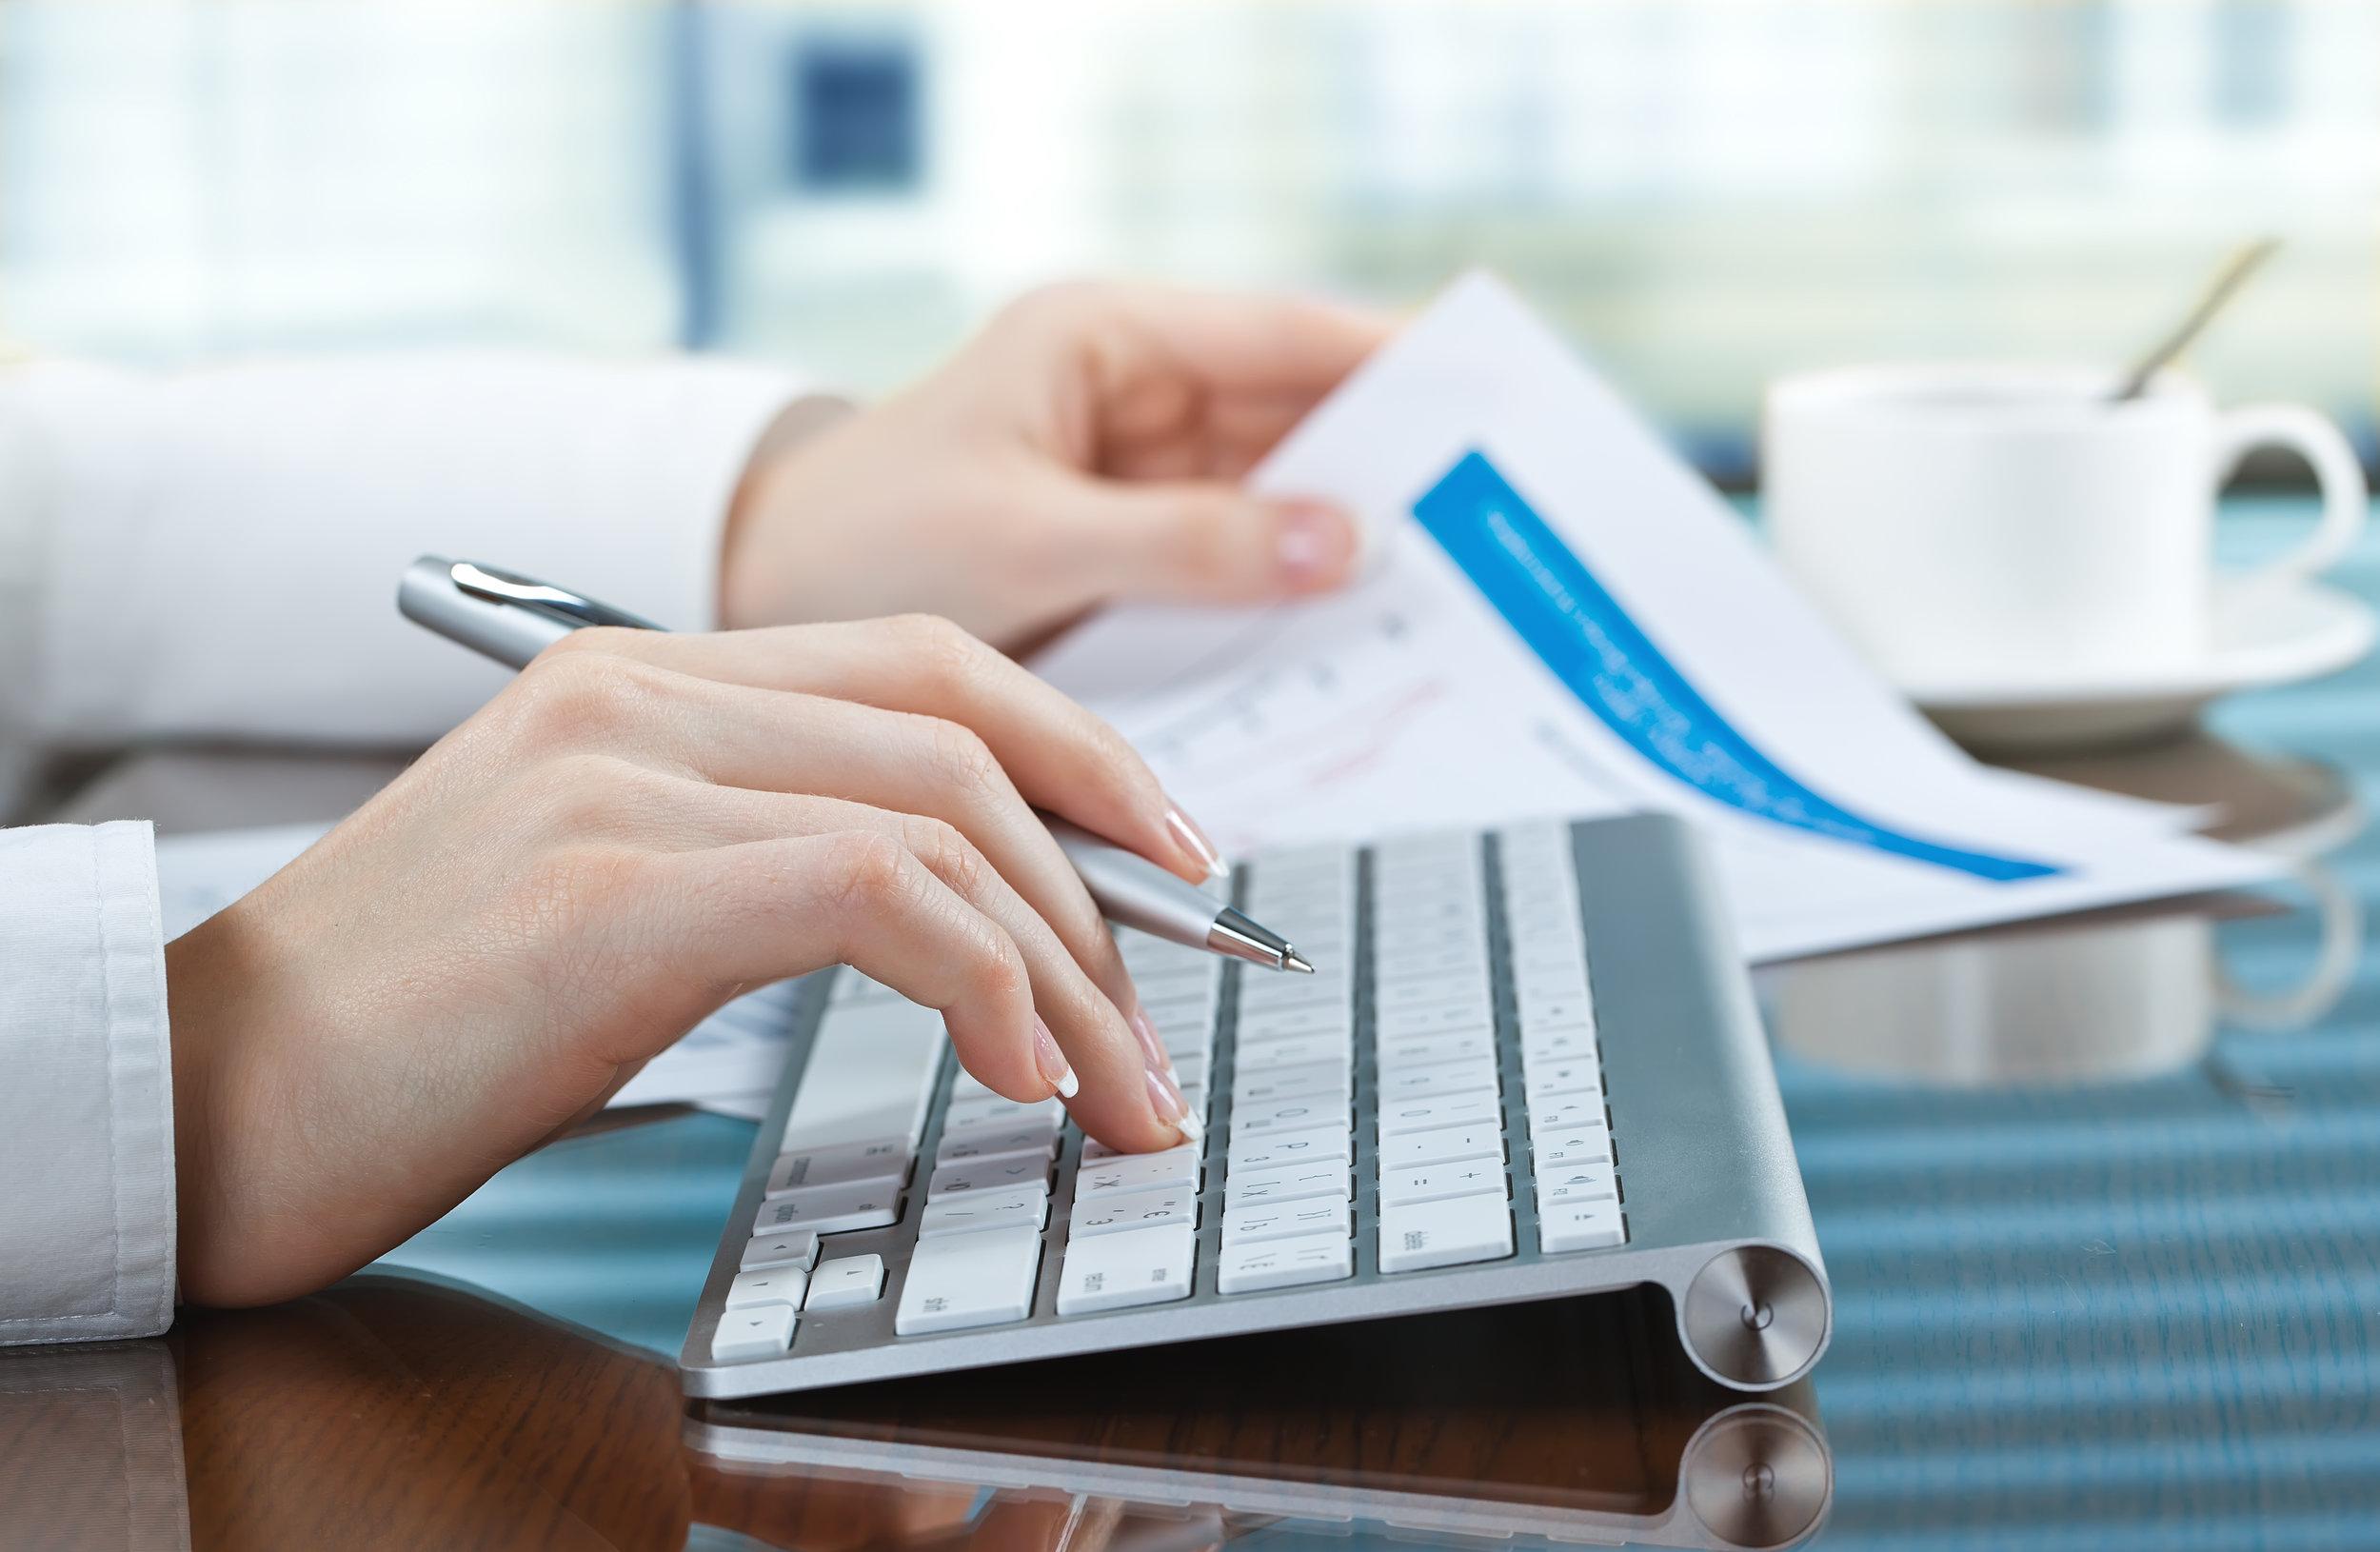 Avvocato_Societa_Commercialista_Athena_contabilità_002.jpg